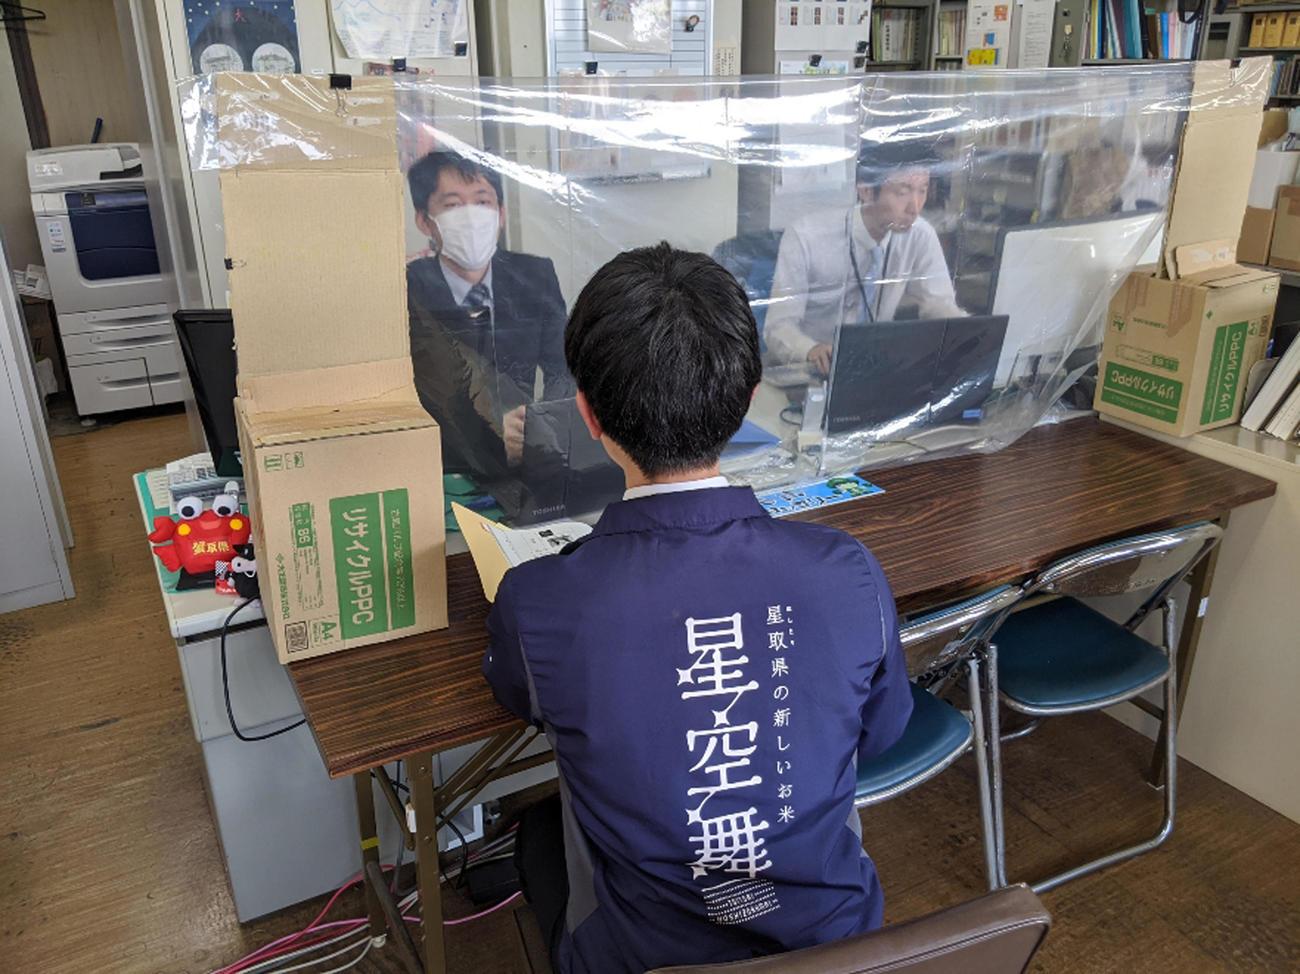 鳥取県庁の鳥取型オフィスシステム様子